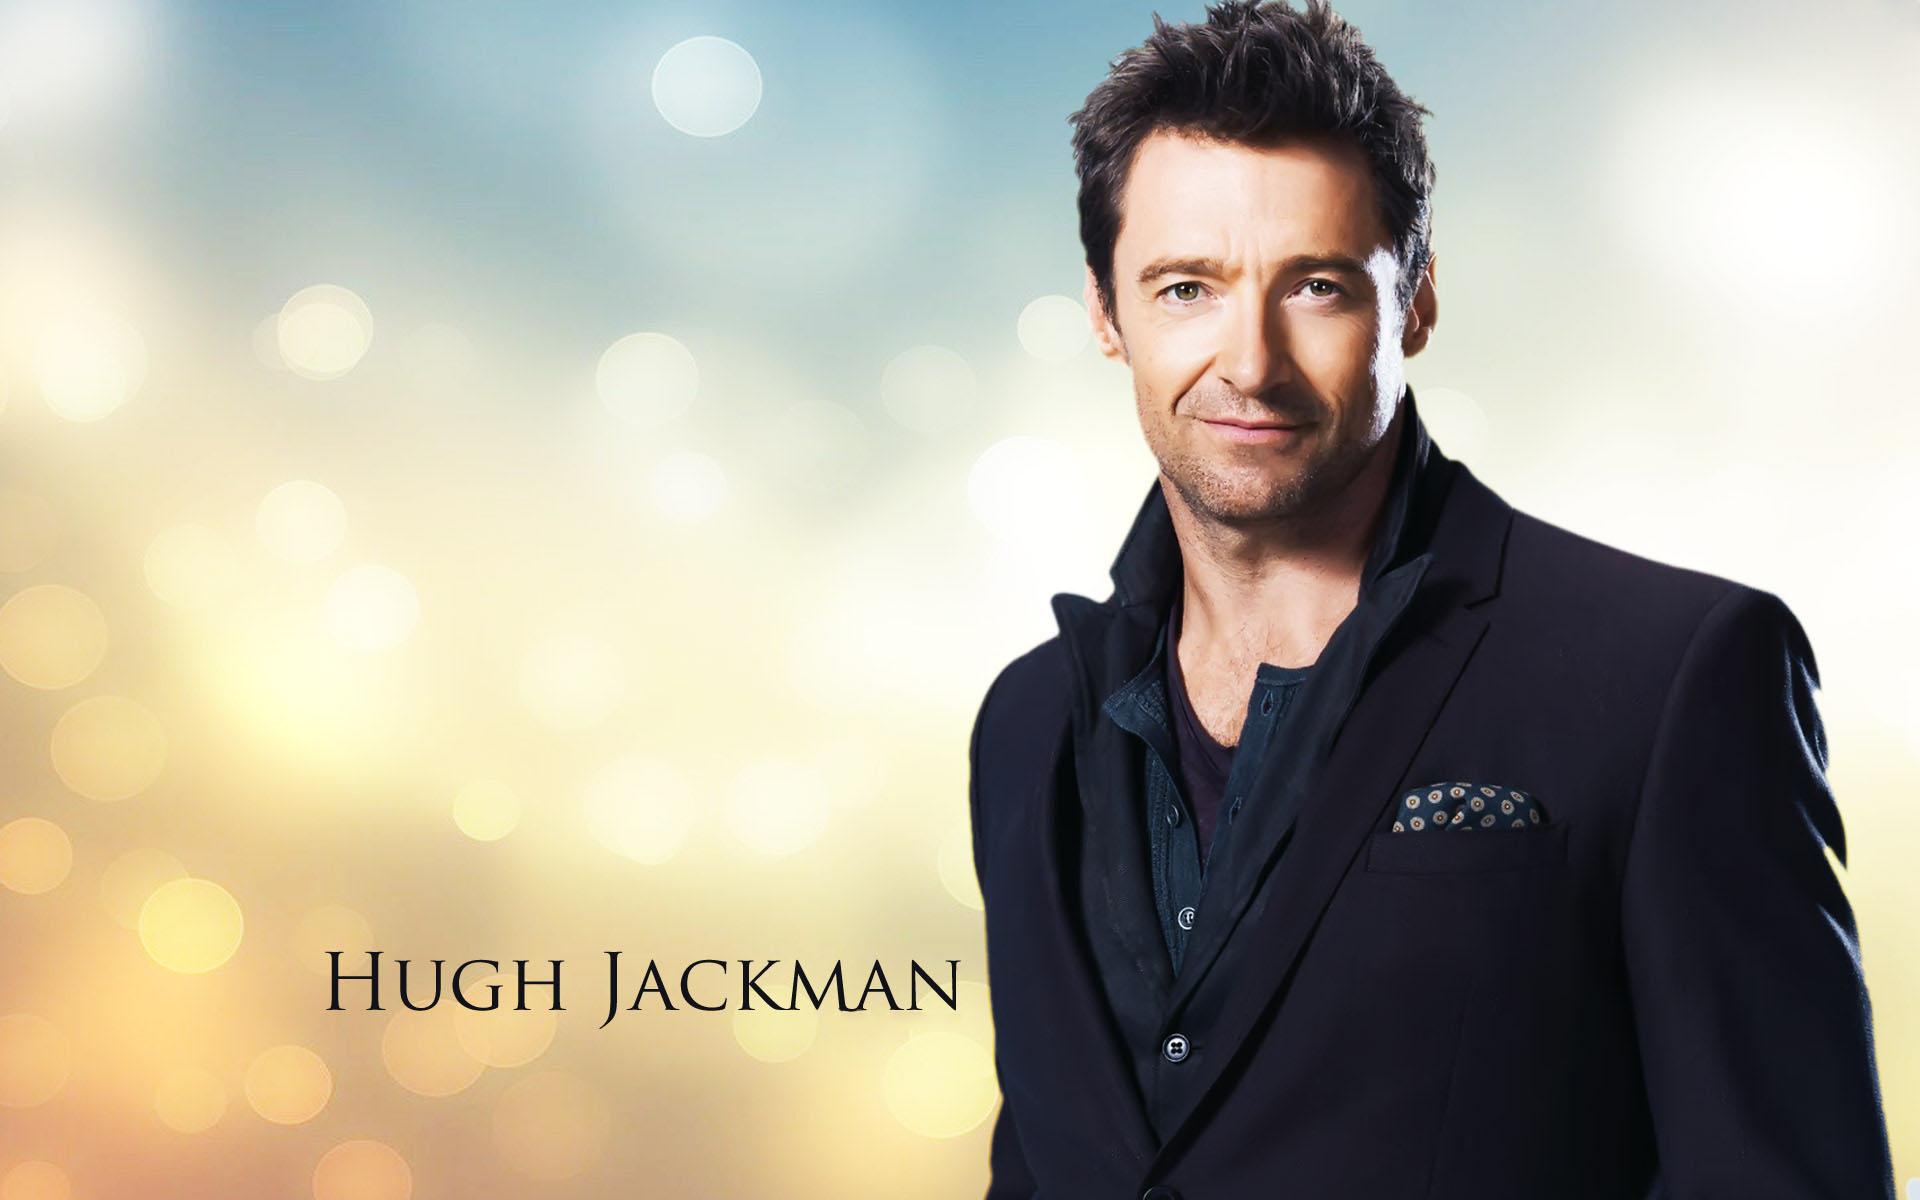 Hugh Michael Jackman noto semplicemente come Hugh Jackman Sydney 12 ottobre 1968 è un attore australiano Attivo sia al cinema che a teatro in particolare nei